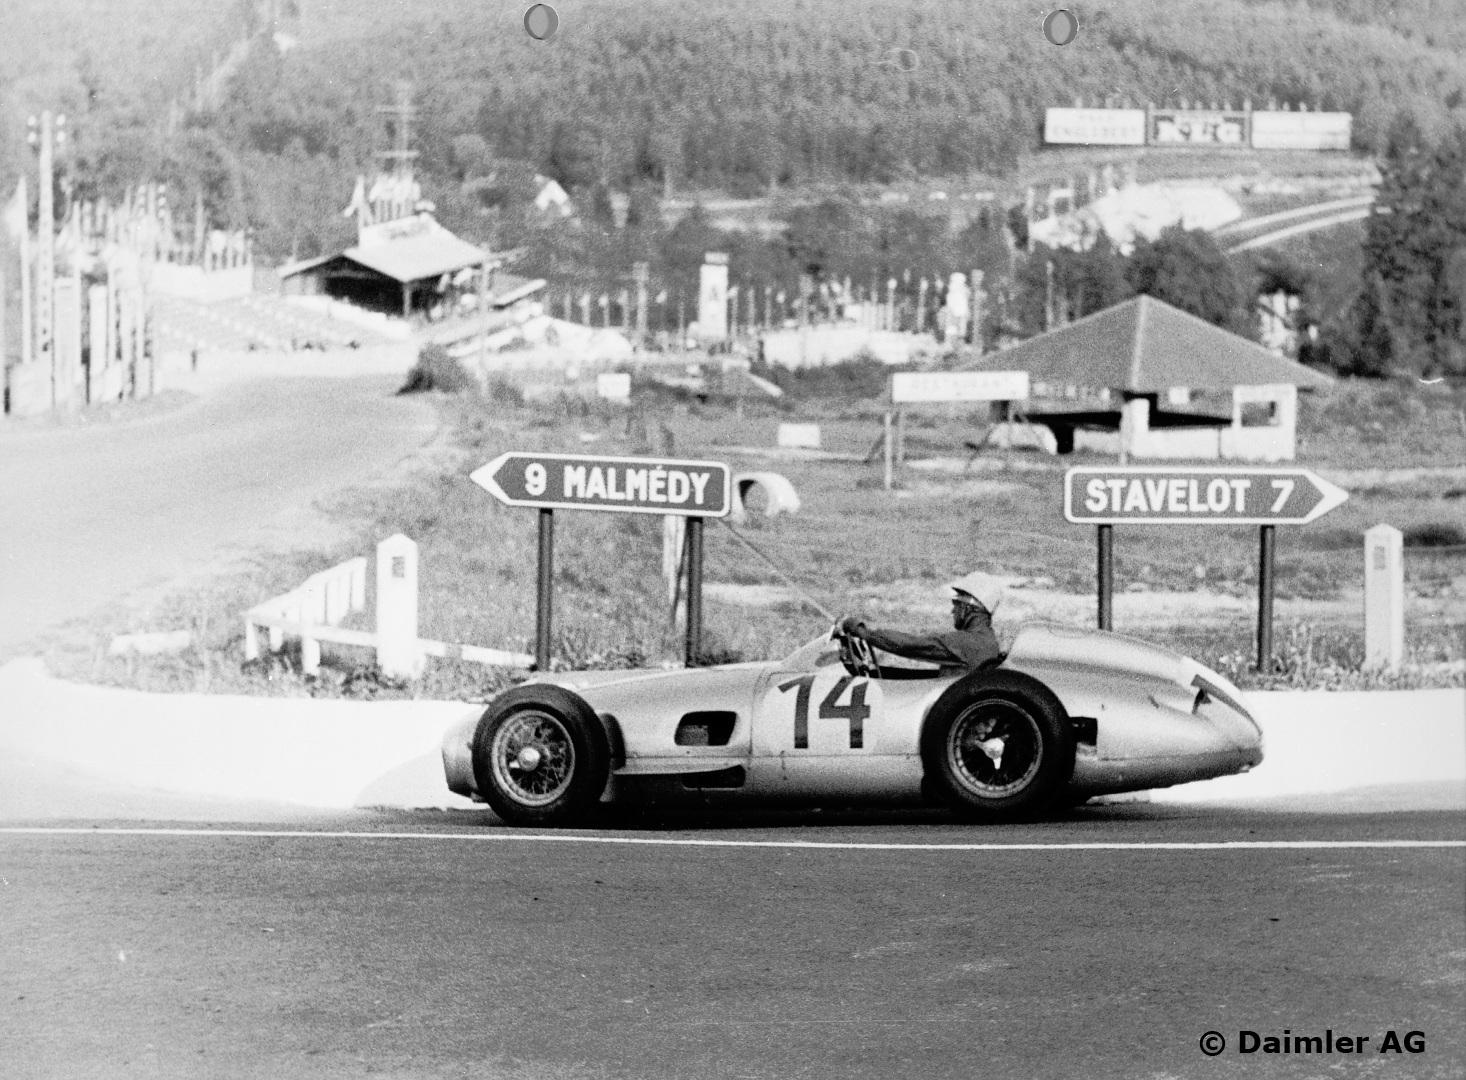 I 1955 fikk Stirling Moss sitt store gjennombrudd som fabrikkfører for Mercedes-Benz. Her fotografert under Formel 1 løpet i Belgia: Foto: Daimler AG